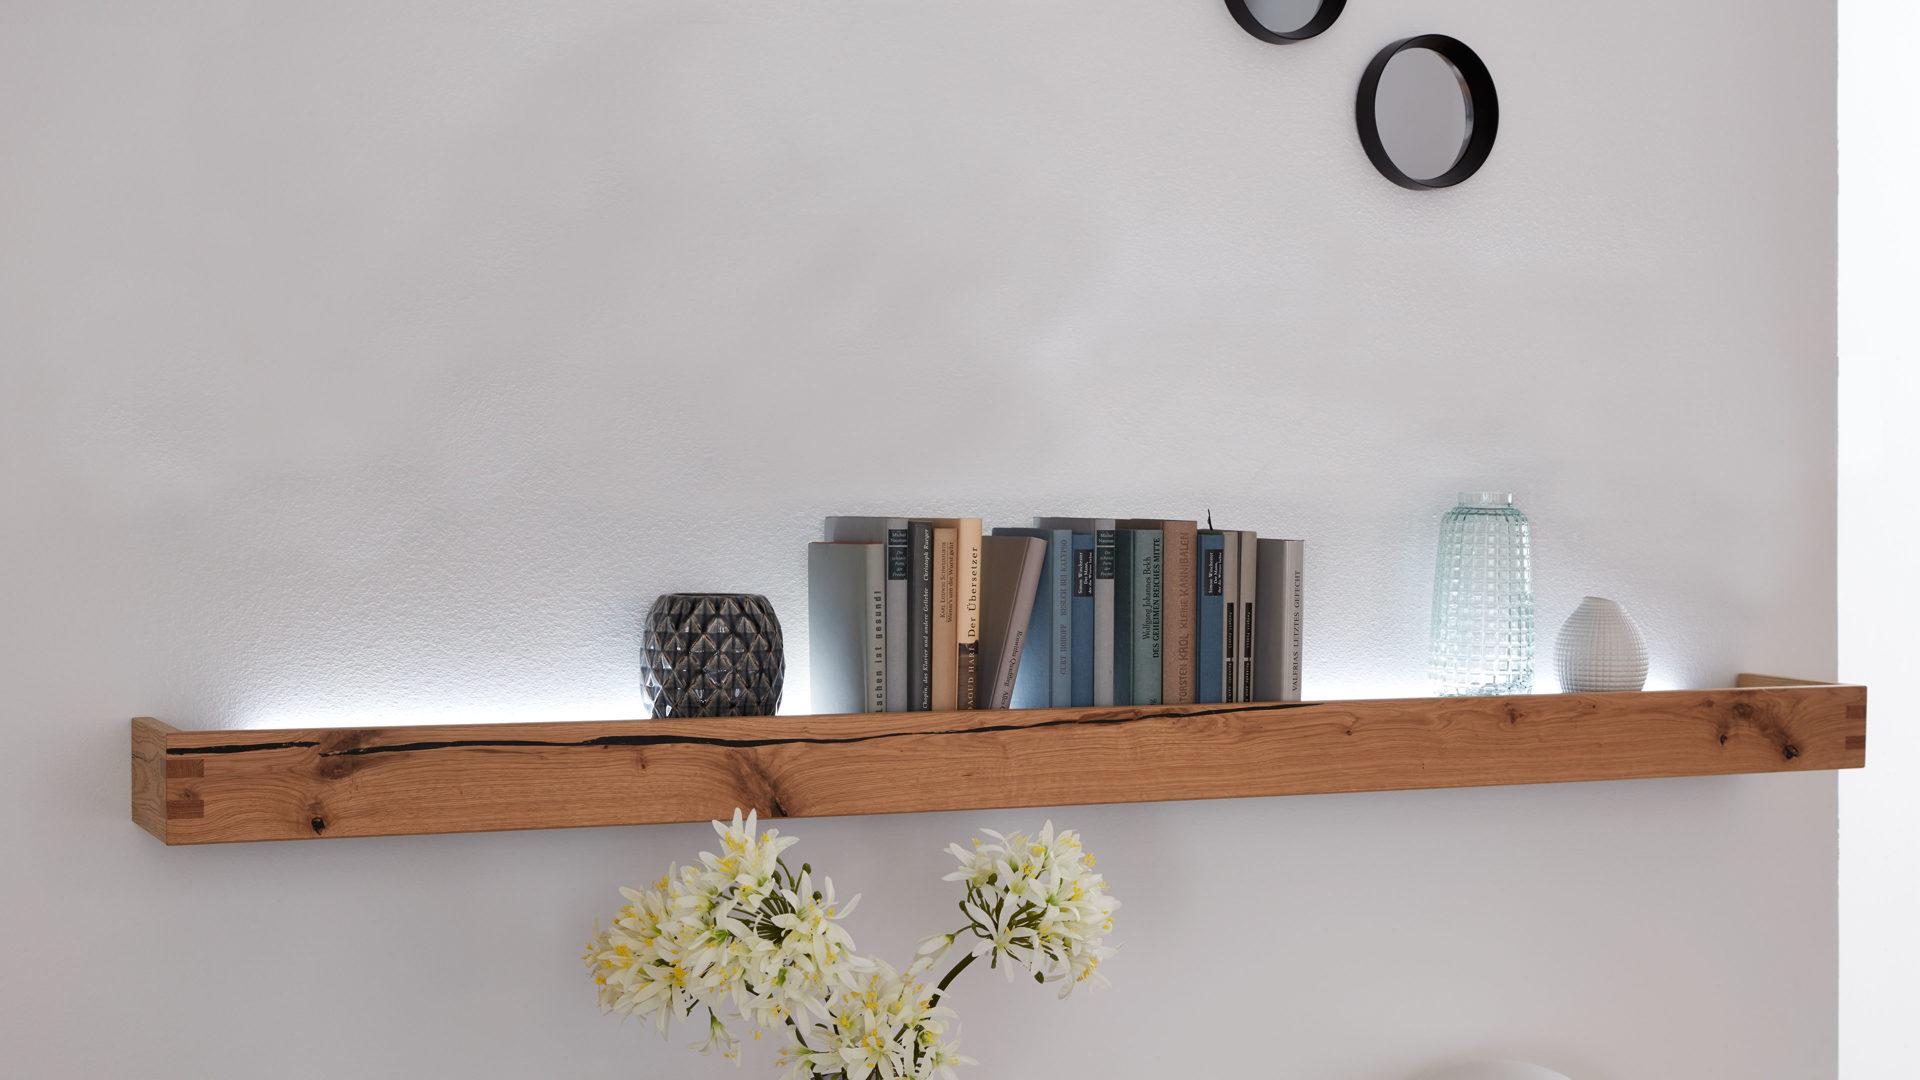 Interliving Wohnzimmer Serie 6 – Wandregal, Asteiche – Länge ca. 6 cm